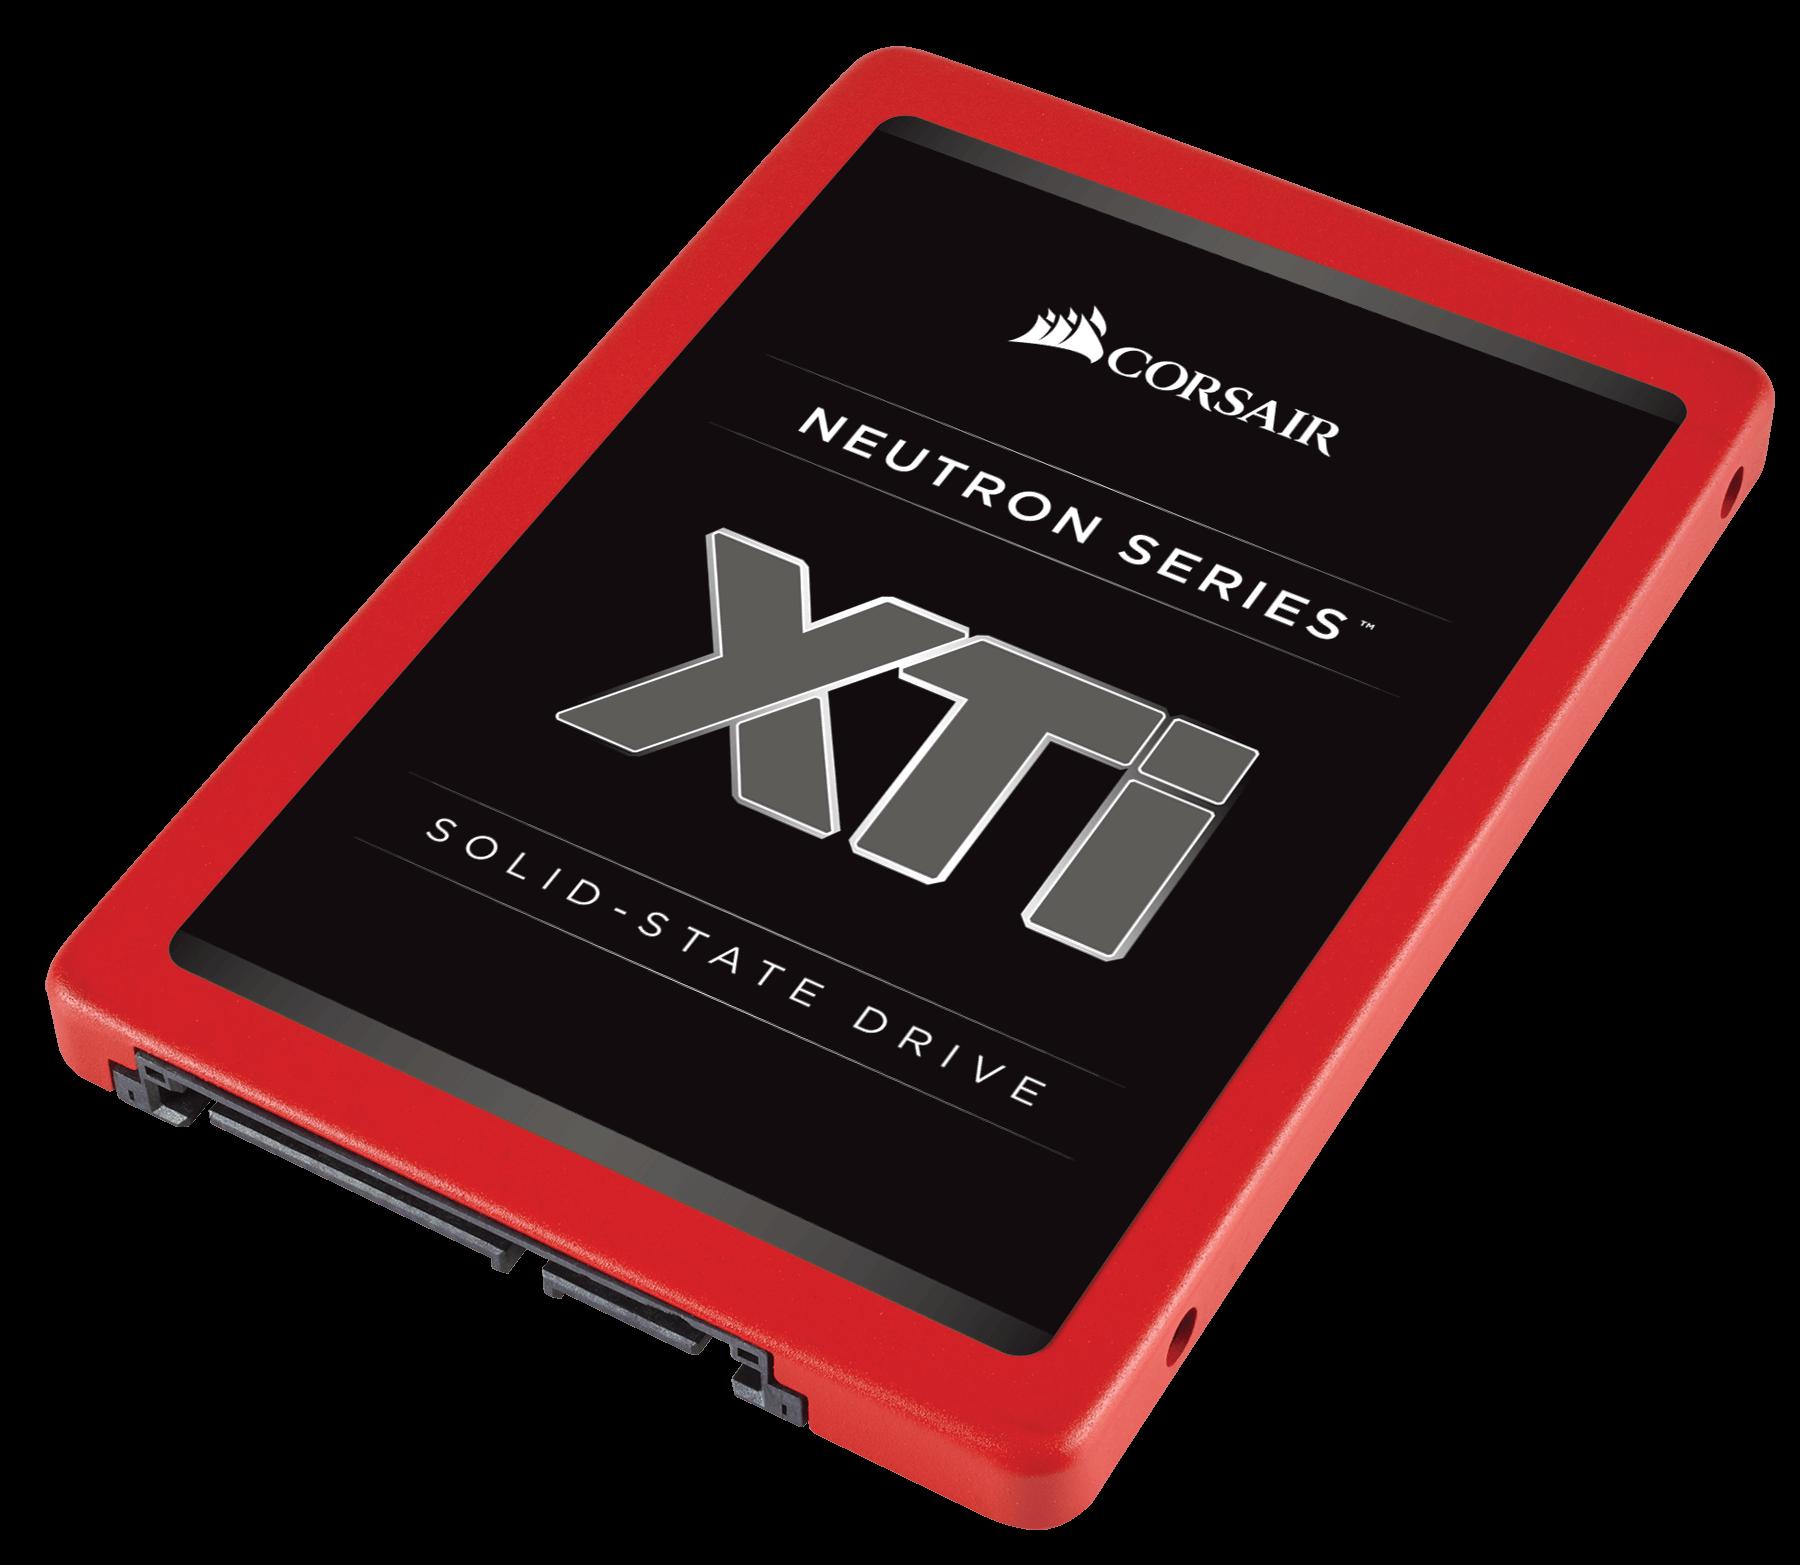 Hard Disk SSD Corsair Neutron XTi 1920GB 2.5